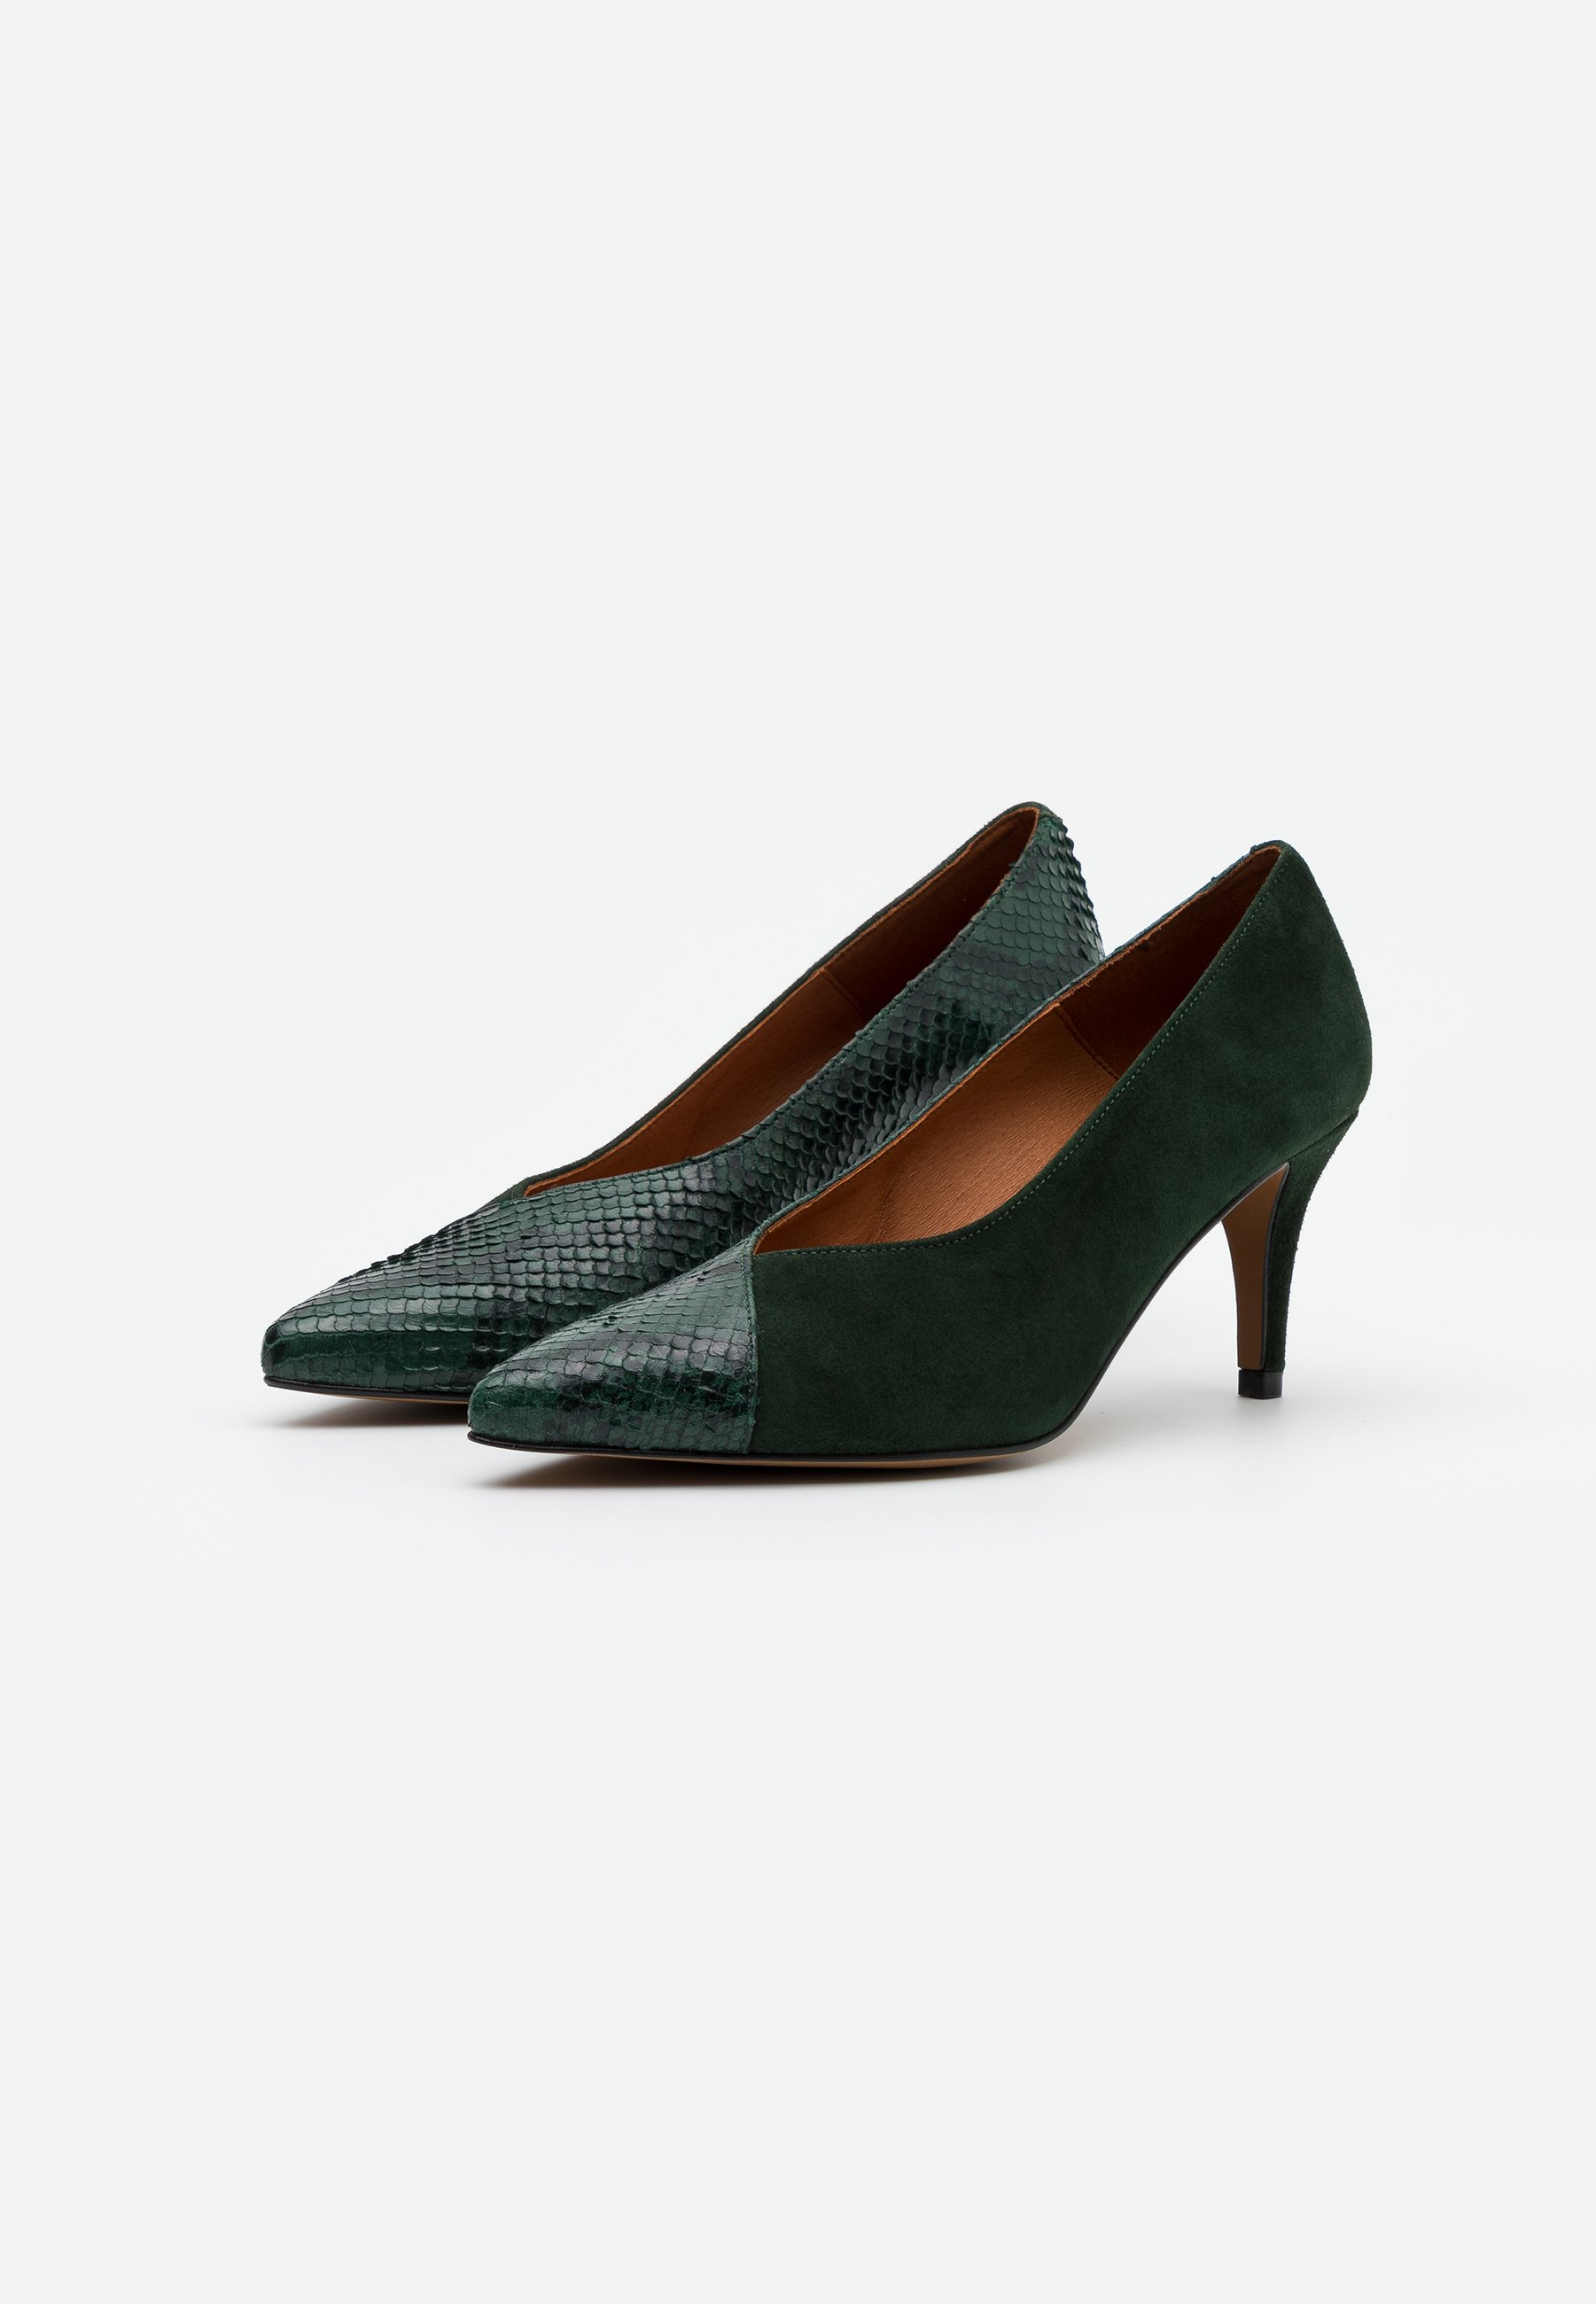 Limitado nuevo LAB Tacones - verde | Calzado de mujer2020 cEmmr